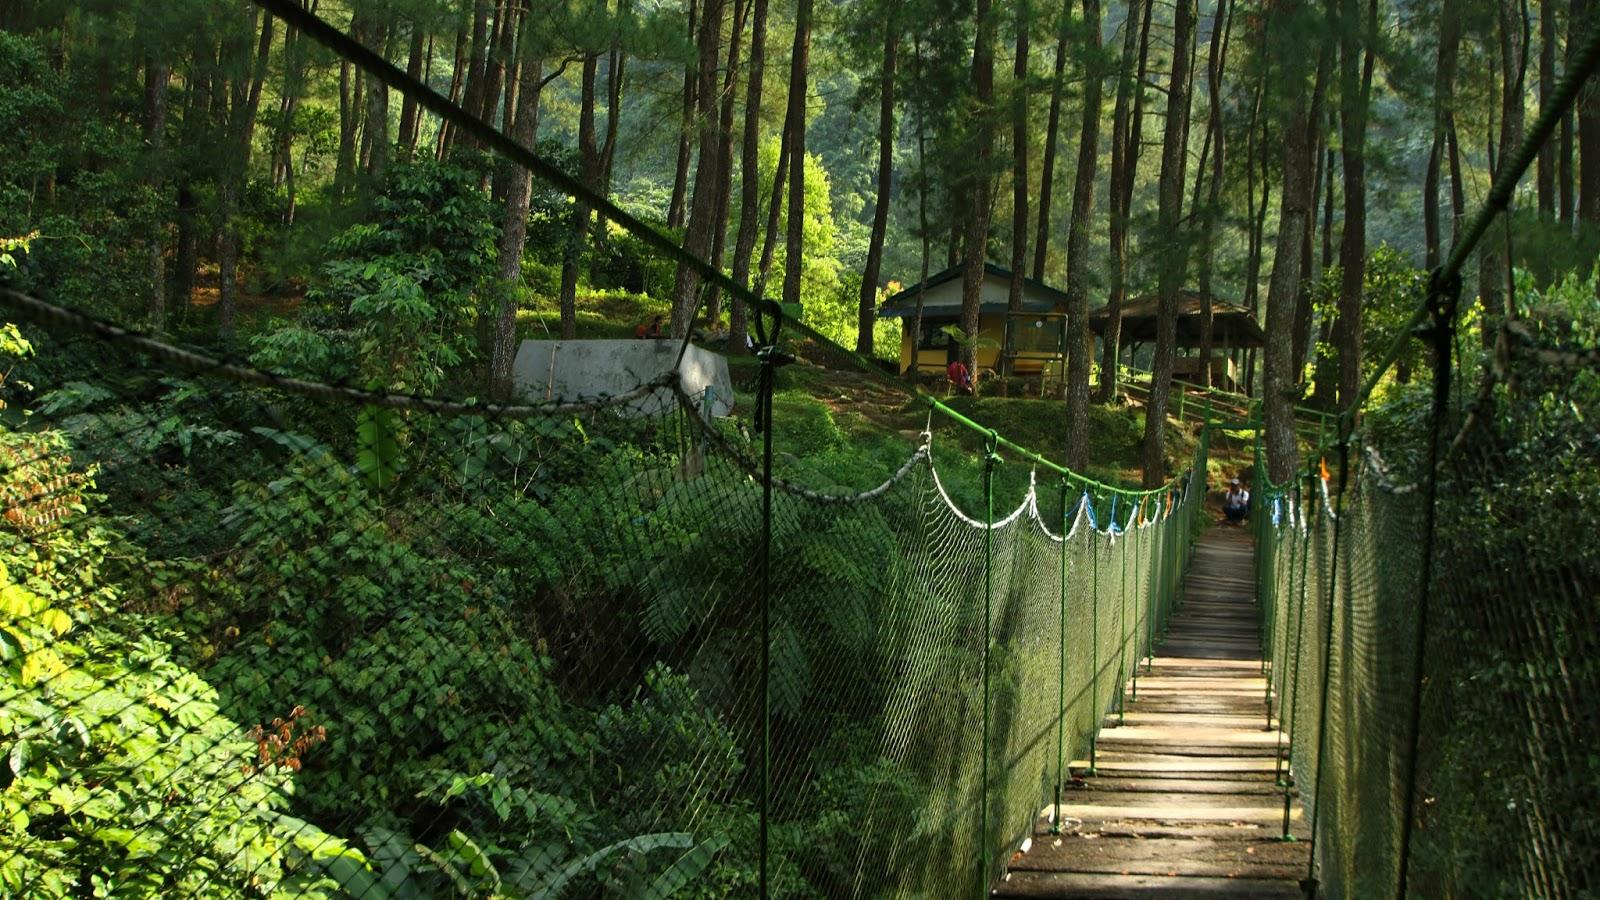 Suaka Elang Wisata Alam dan Edukasi Menarik di Jawa Barat ...